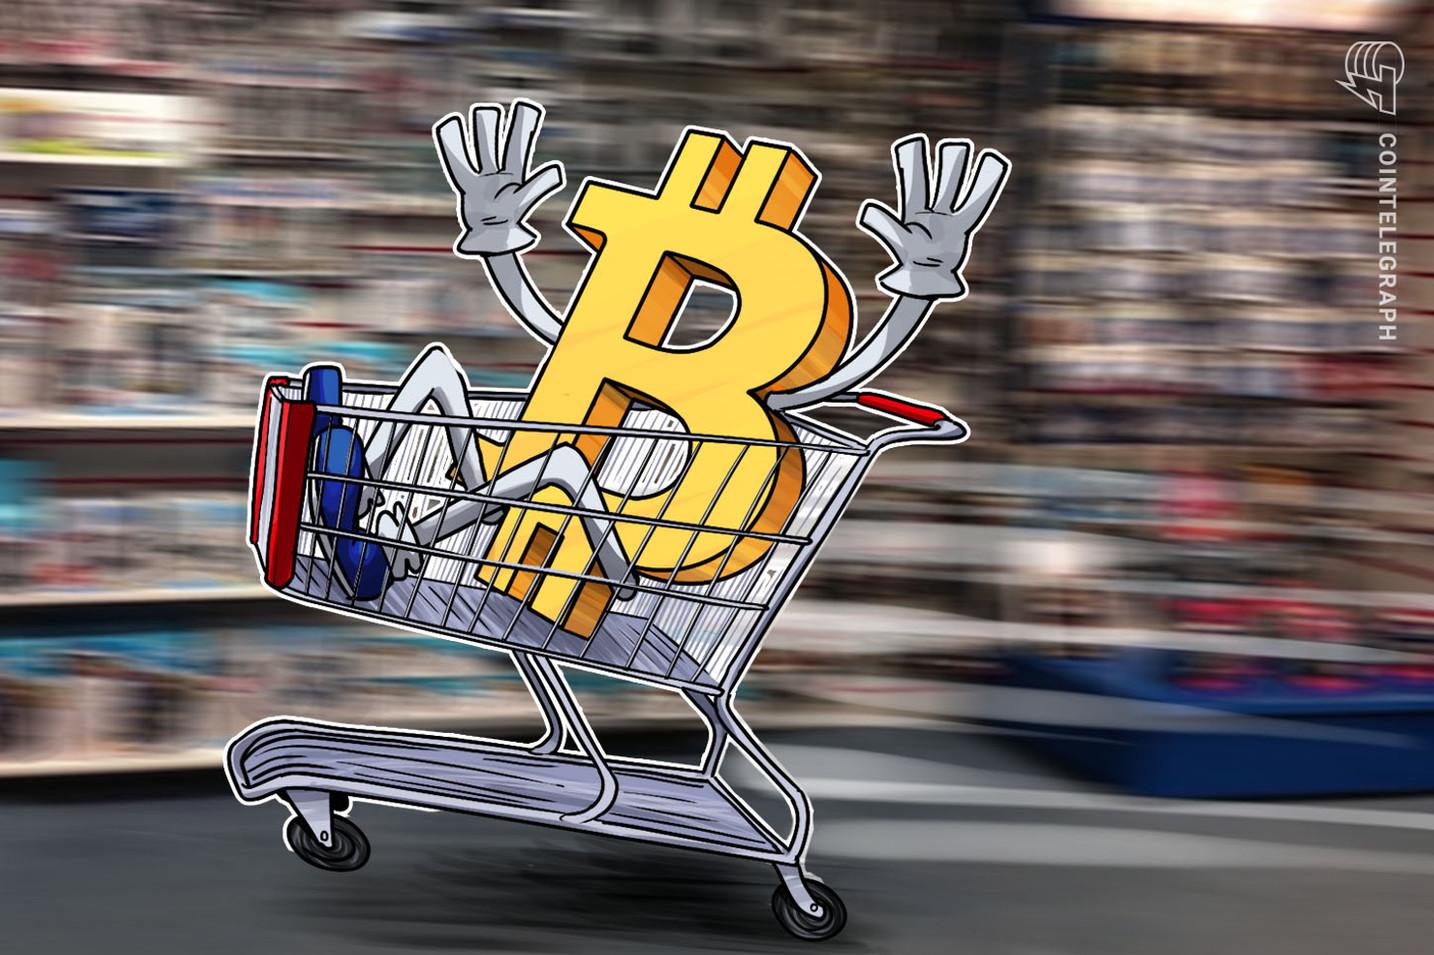 バックトのビットコイン先物、初日の取引高は71BTC 仮想通貨市場からは冷ややかな反応も